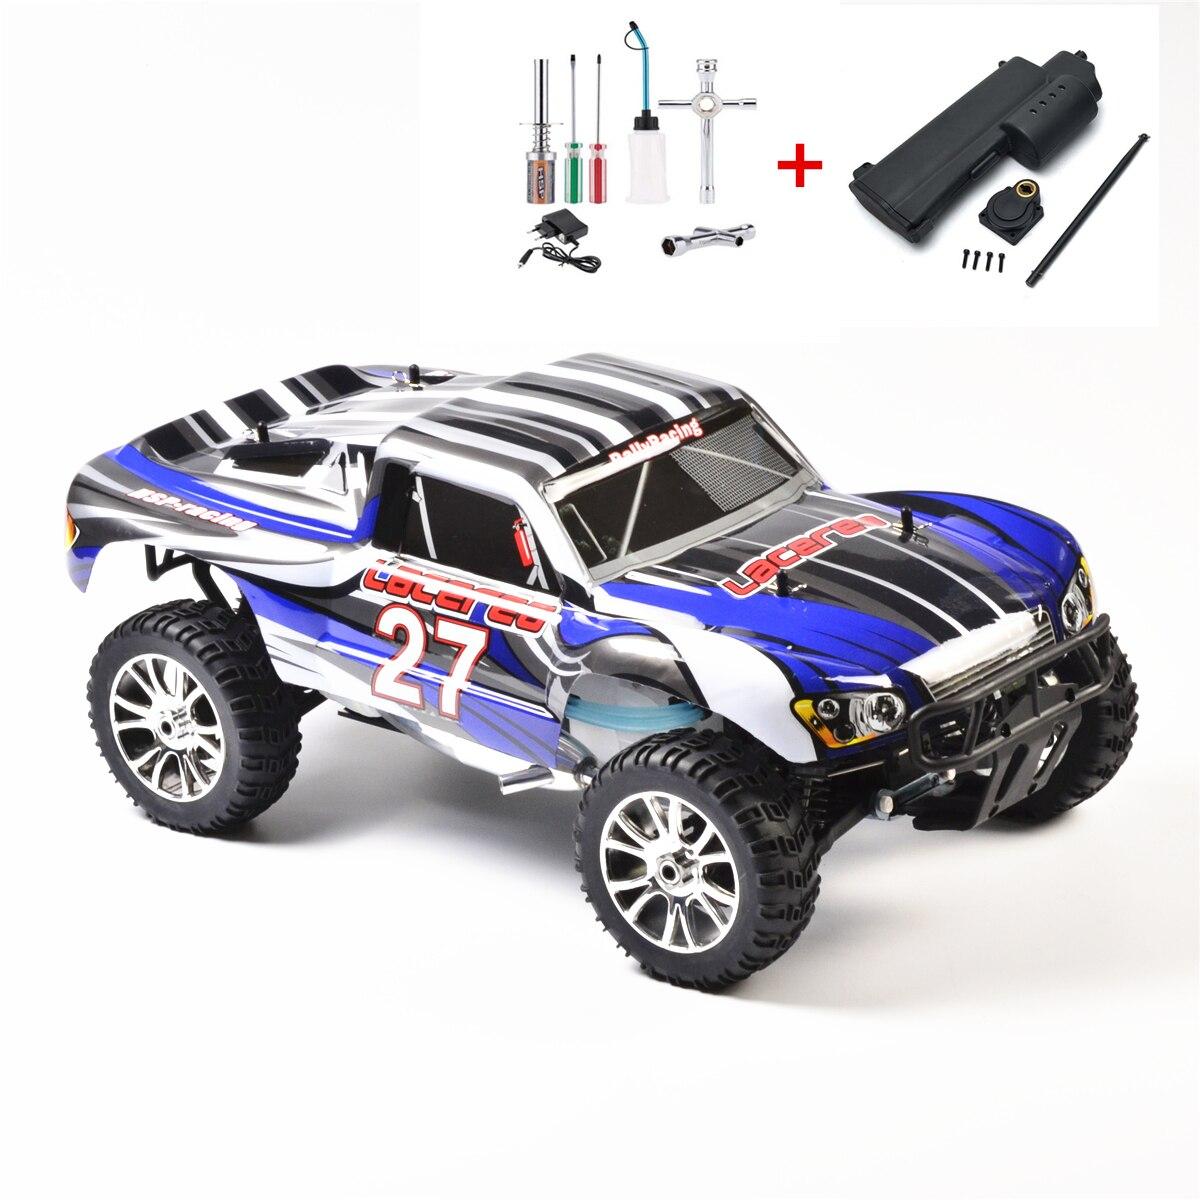 HSP RC voiture jouets 1/8 4WD hors route télécommande NITRO essence court COURSE 21CXP moteur similaire HIMOTO REDCAT (article NO. 94763)